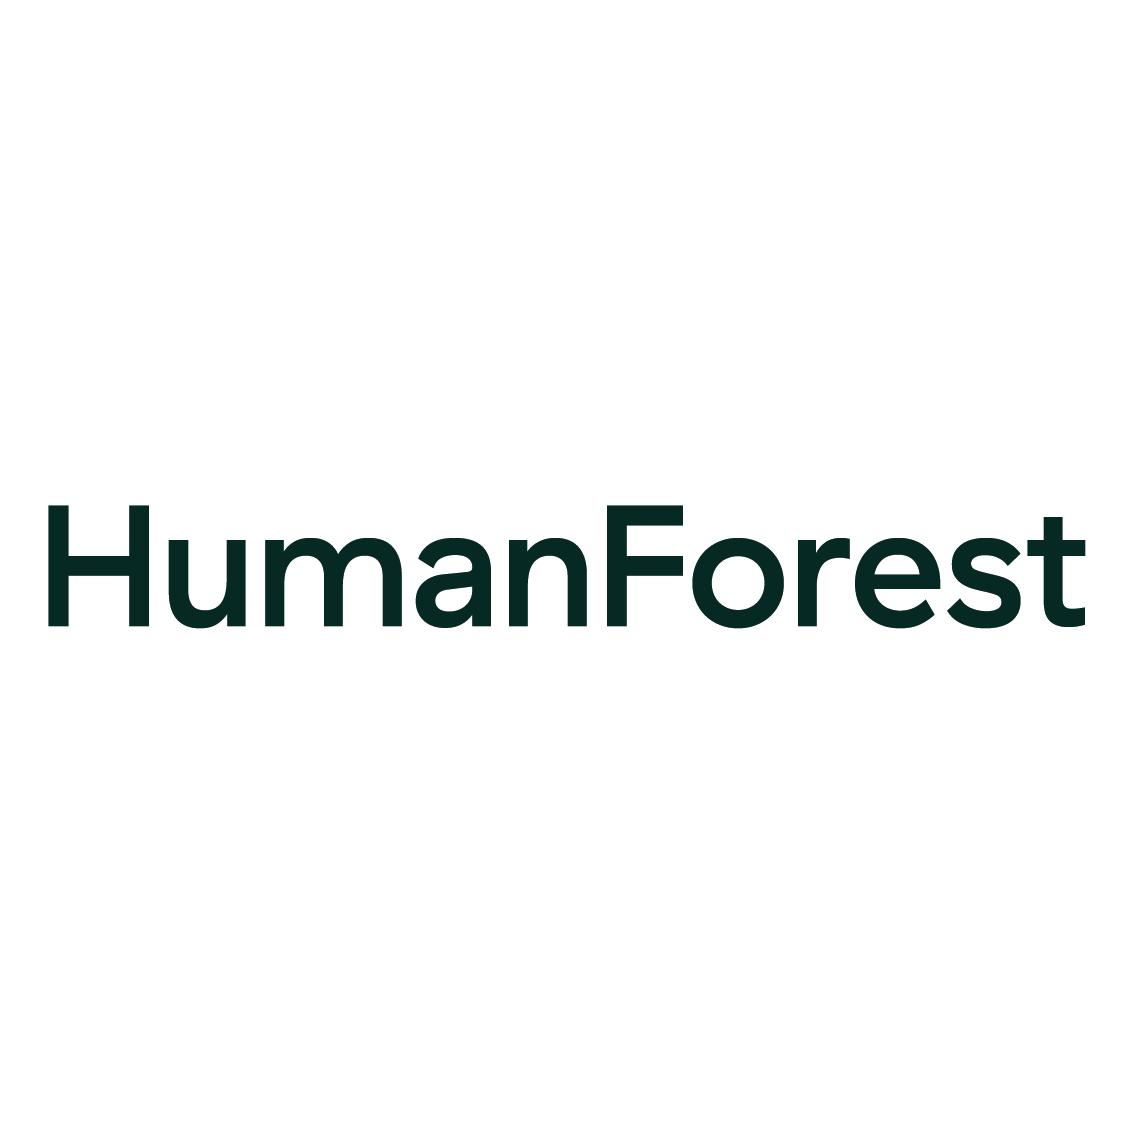 HumanForest